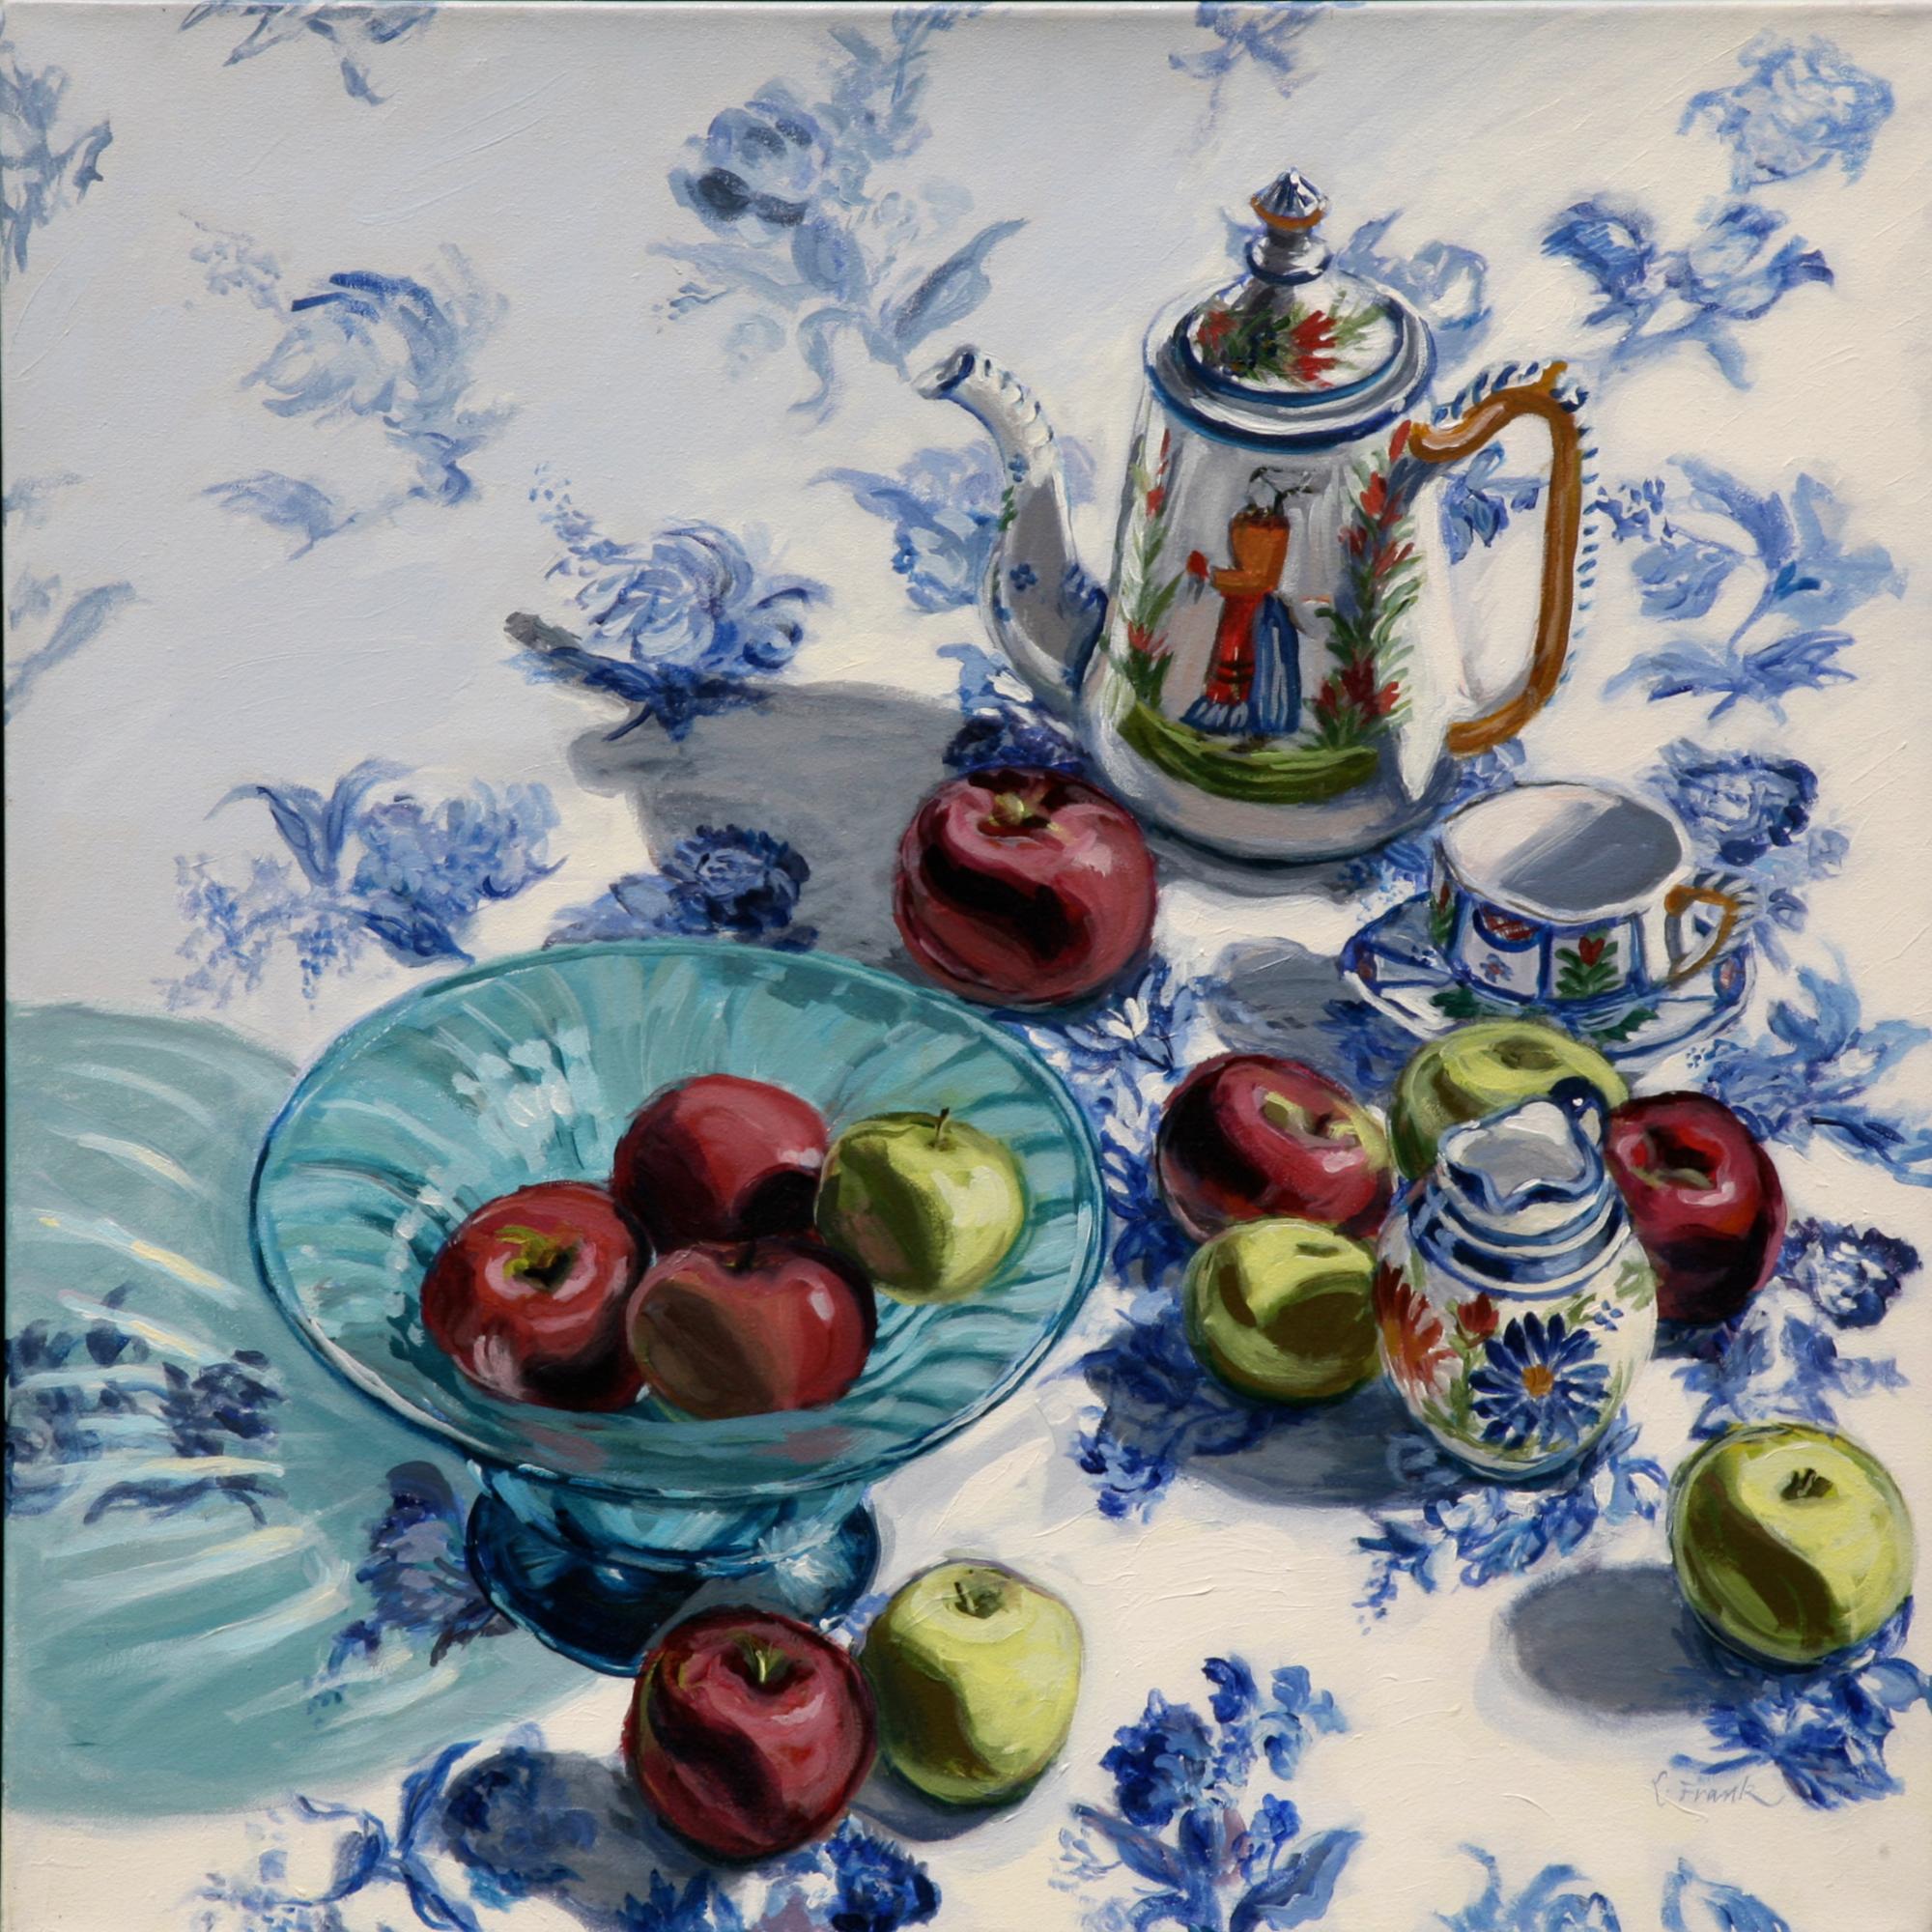 Quimper & Apples